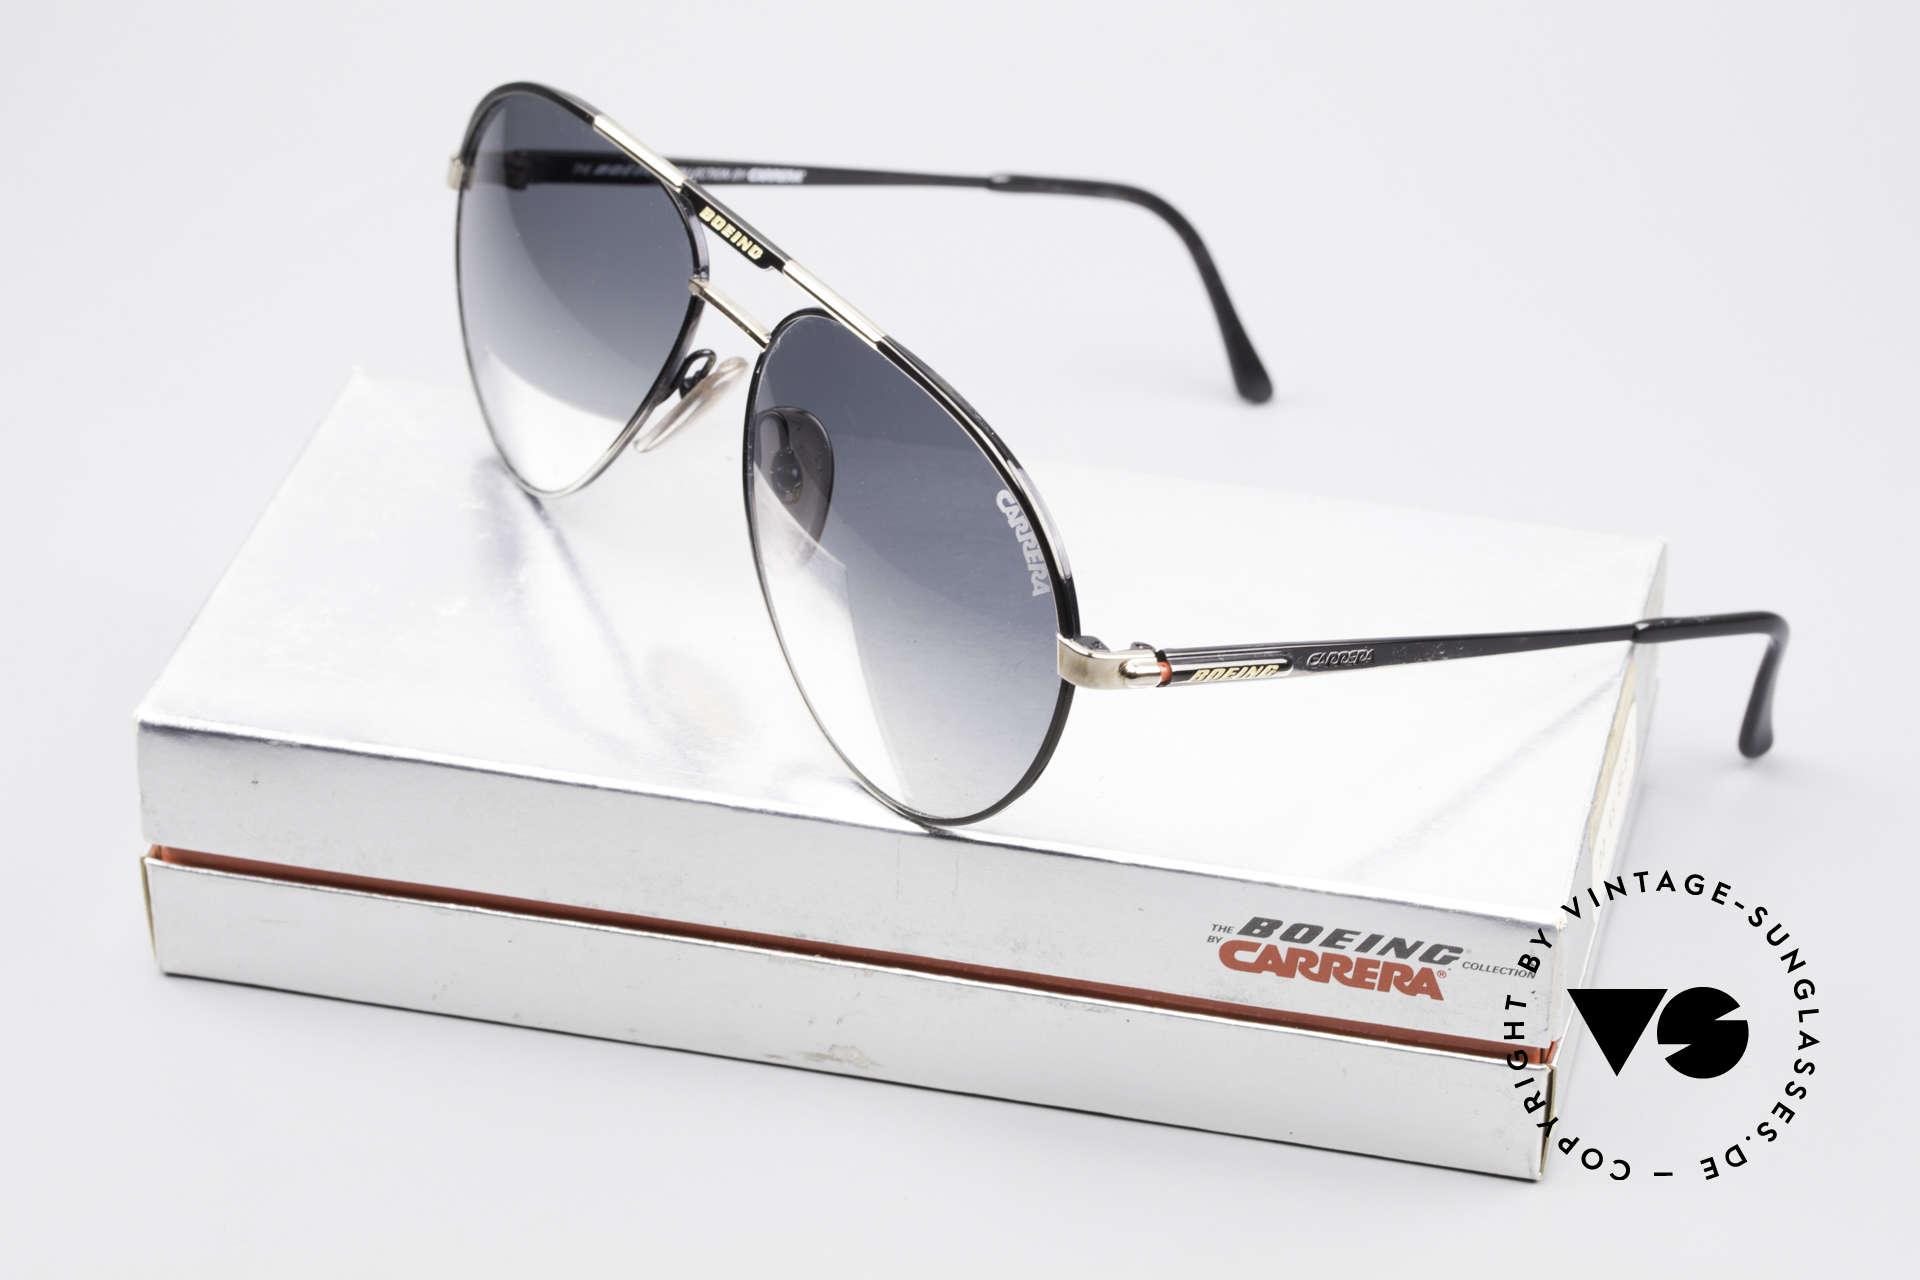 Boeing 5733 Vintage Pilotensonnenbrille, KEINE Retrobrille; ein echtes ORIGINAL von 1988/89!, Passend für Herren